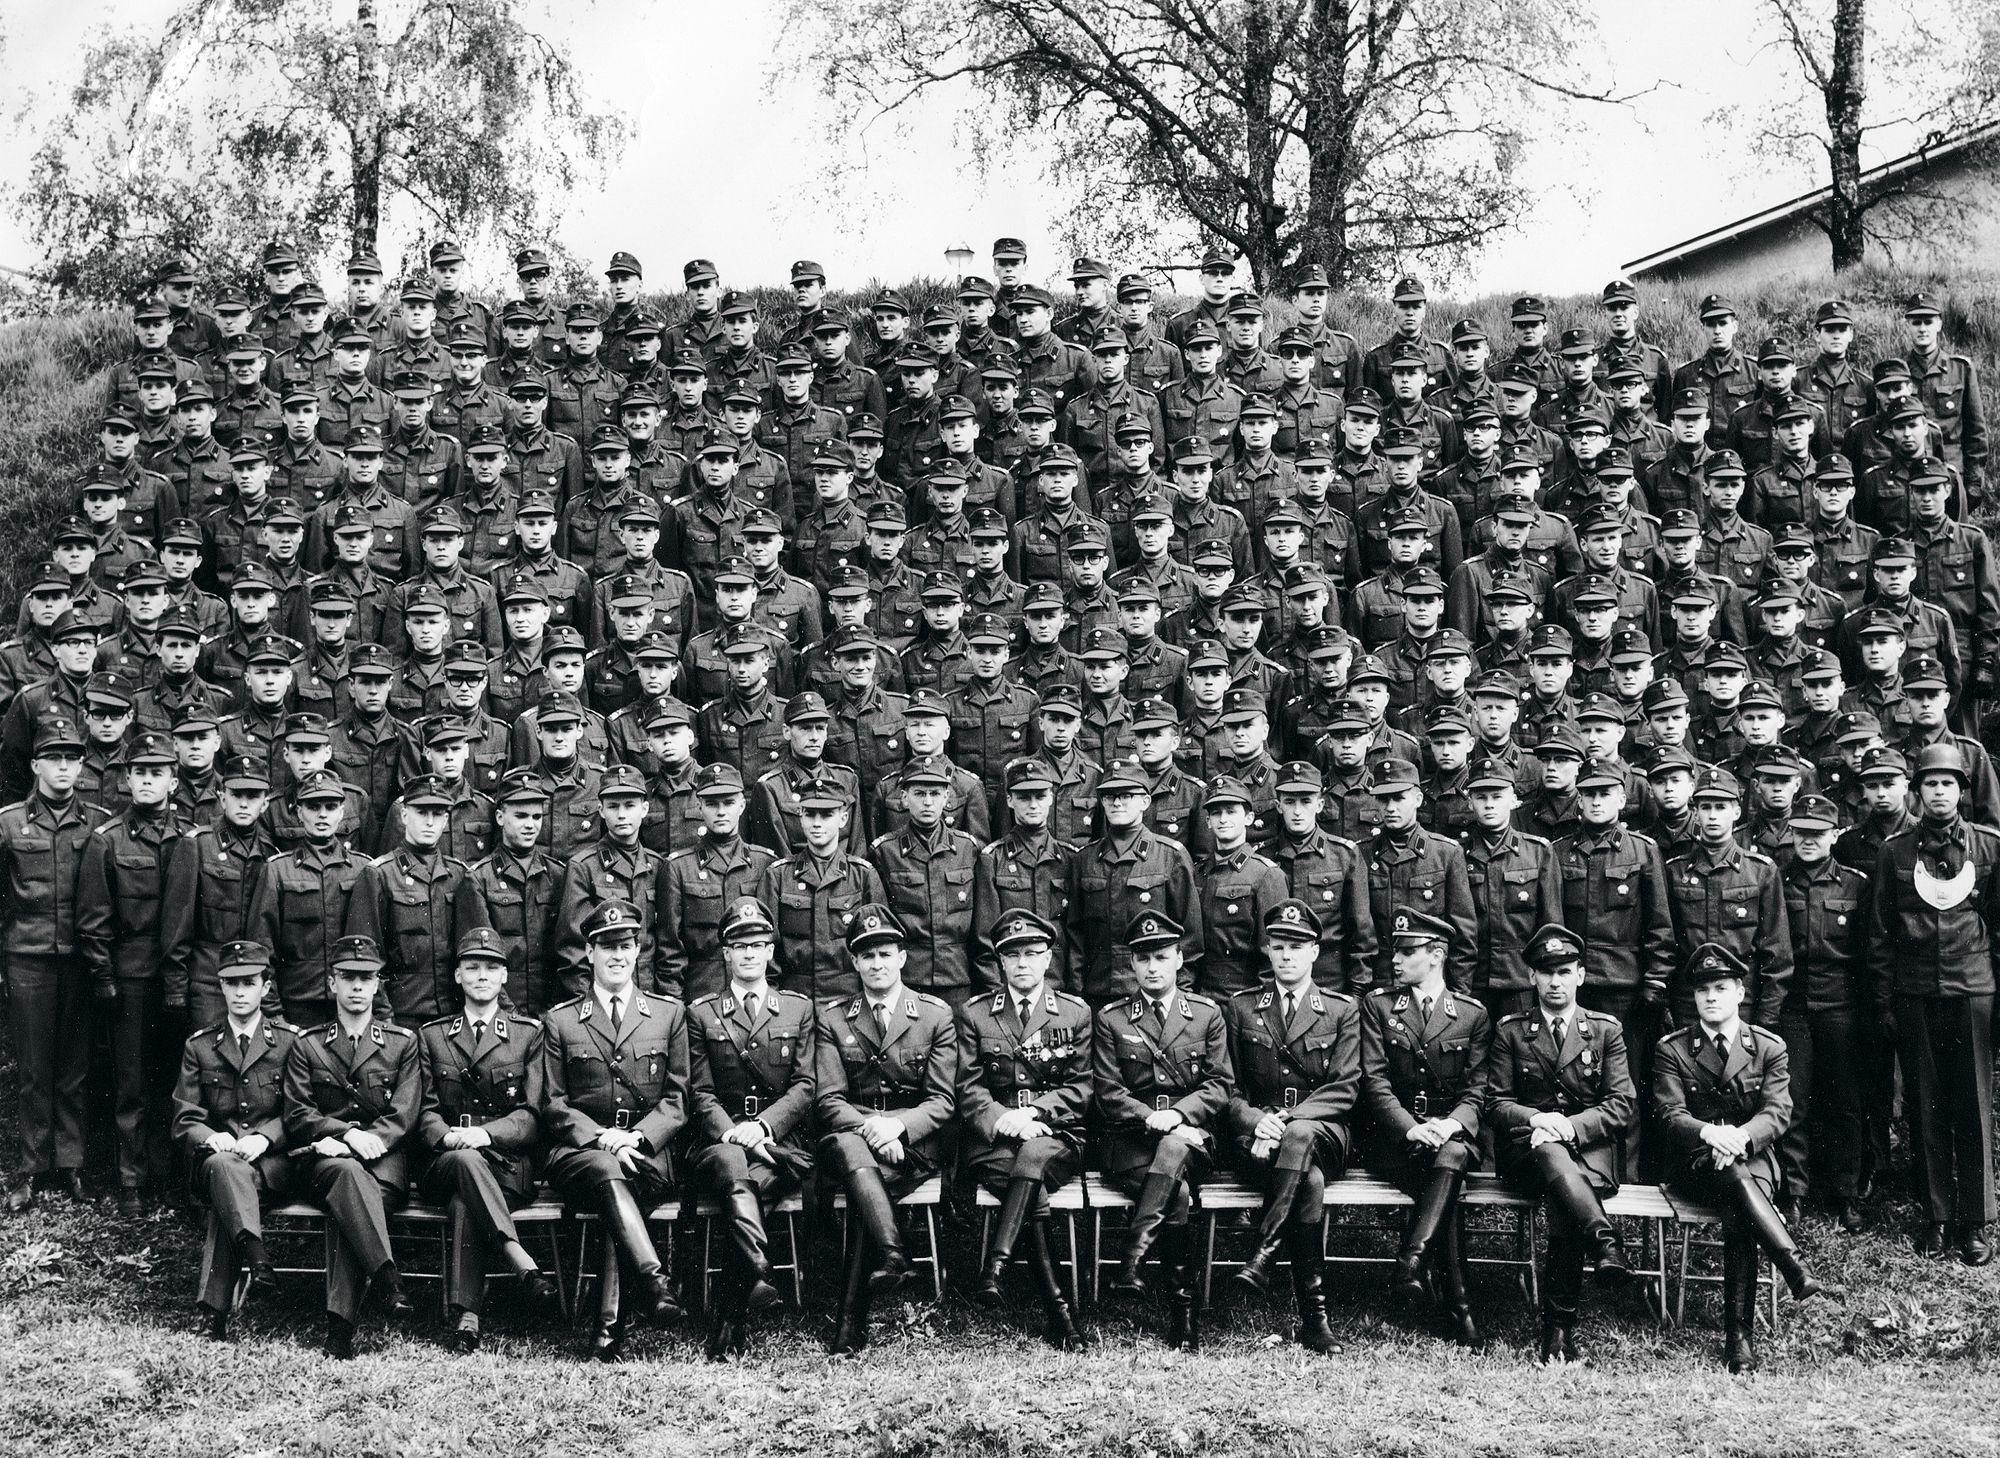 RUK-kurssi päättyi 23.7.1965. Valtion vuoden alussa aloittamien säästötoimenpiteiden vuoksi saapumiserän asepalvelusta lyhennettiin 30 vuorokaudella, joten kurssilaiset kotiutuivat 9. elokuuta. © Lipsasen kotialbumi